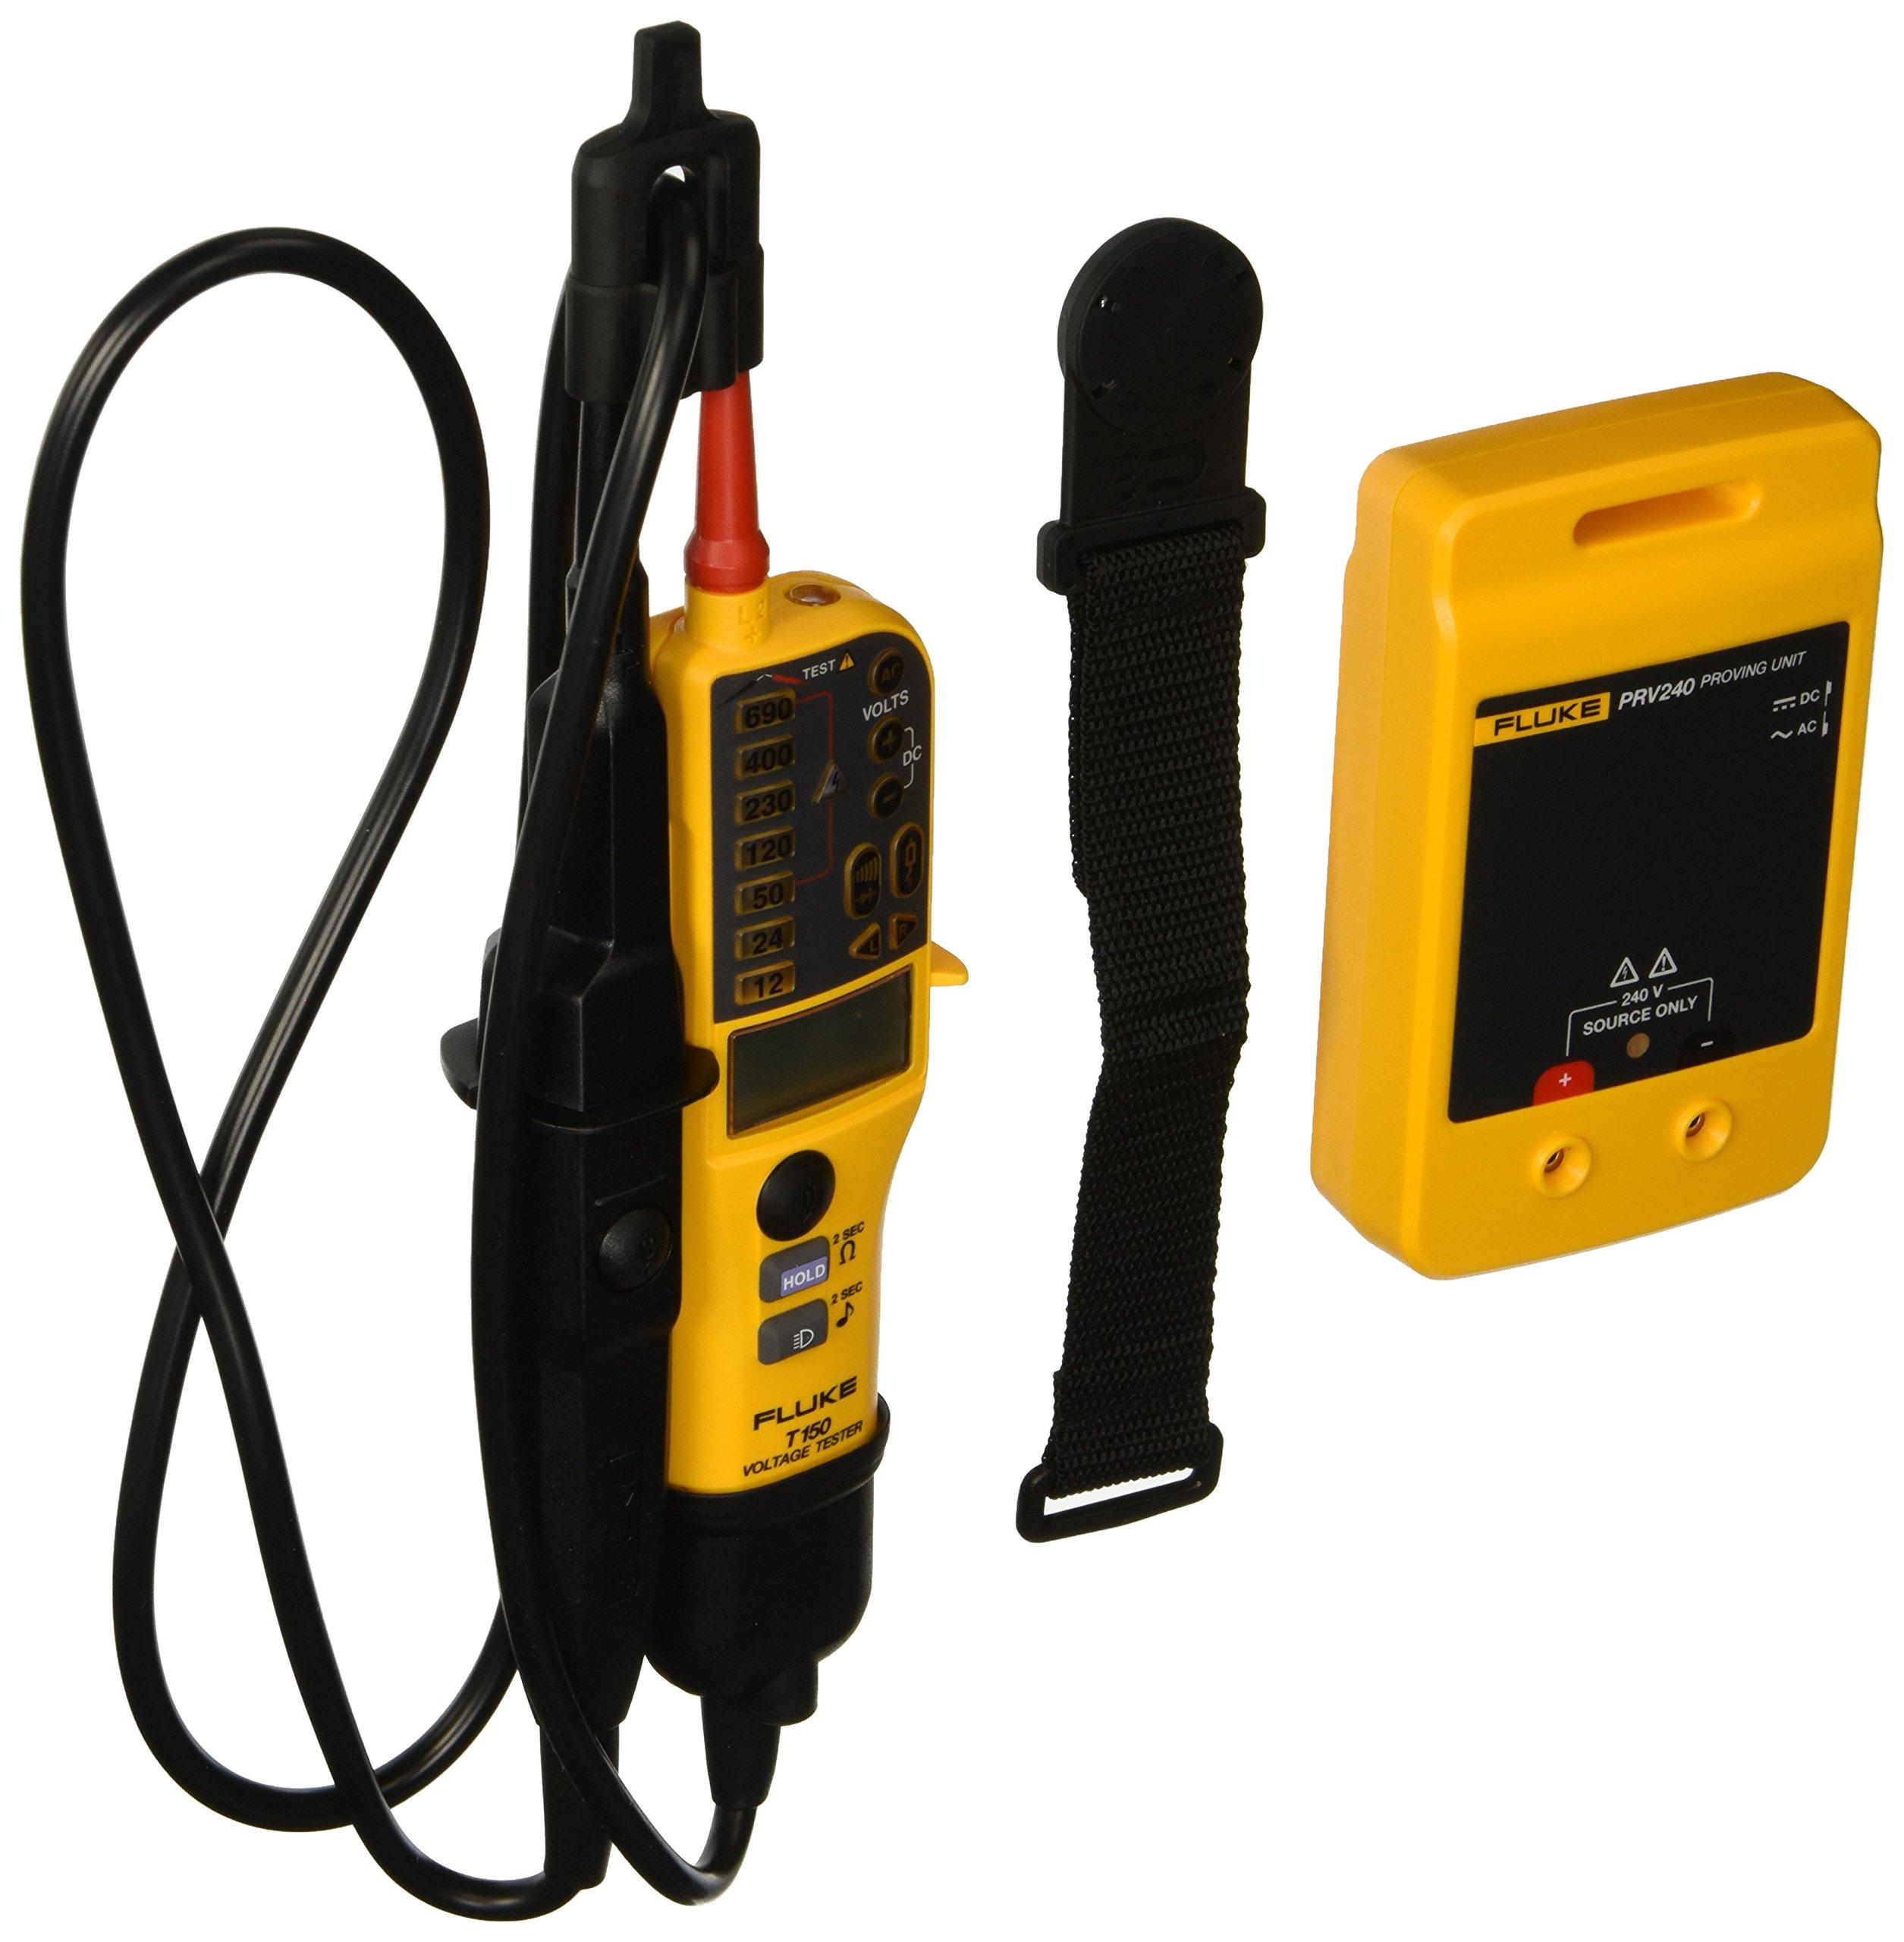 Fluke FLUKE-T150/PRV240 Proving Unit Kit